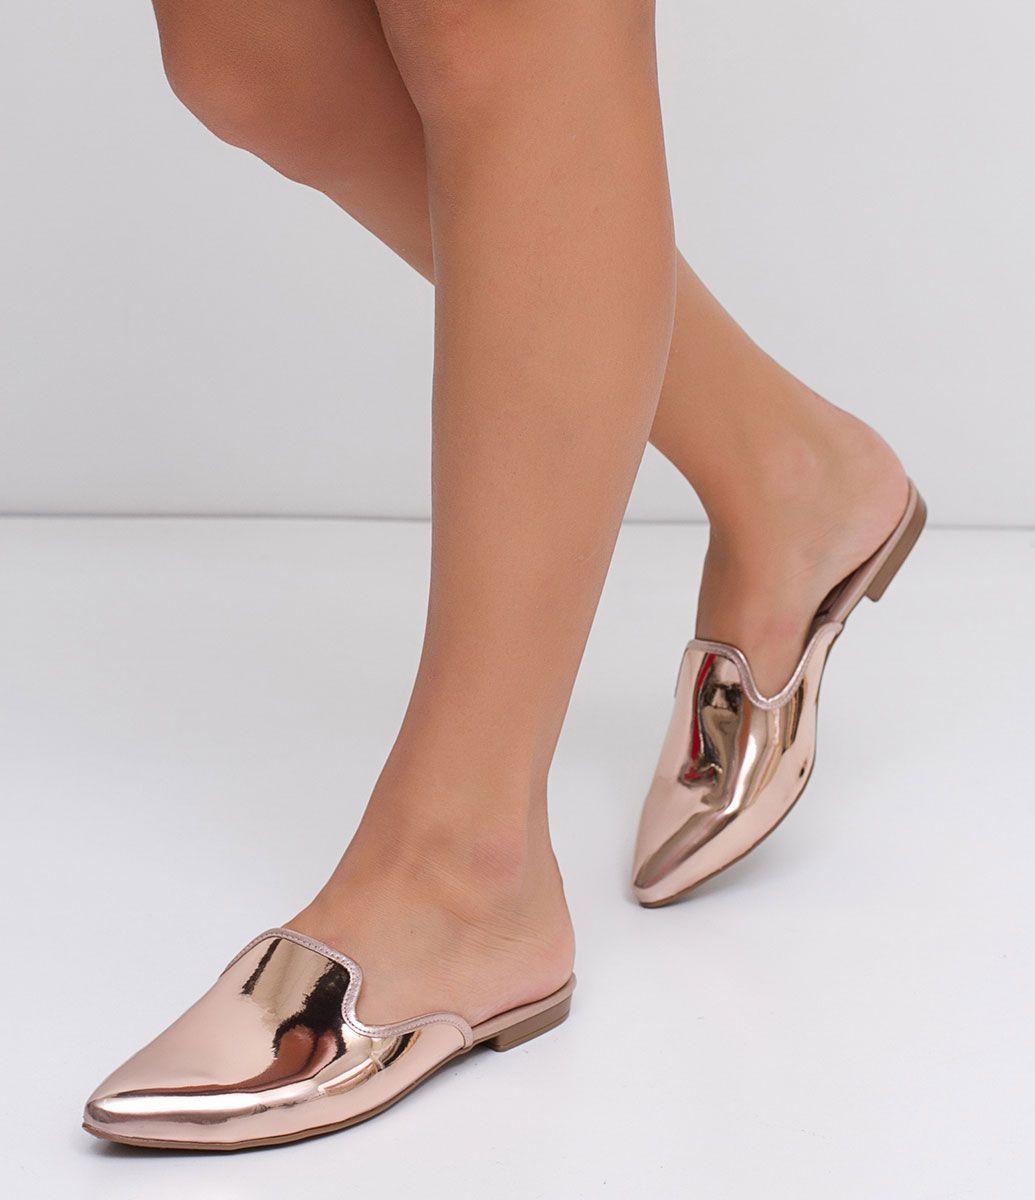 eb71062439a Sapato feminino Modelo mule Metalizada Material  sintético Marca  Beira Rio  COLEÇÃO INVERNO 2017 Veja outras opções de sapatos femininos.